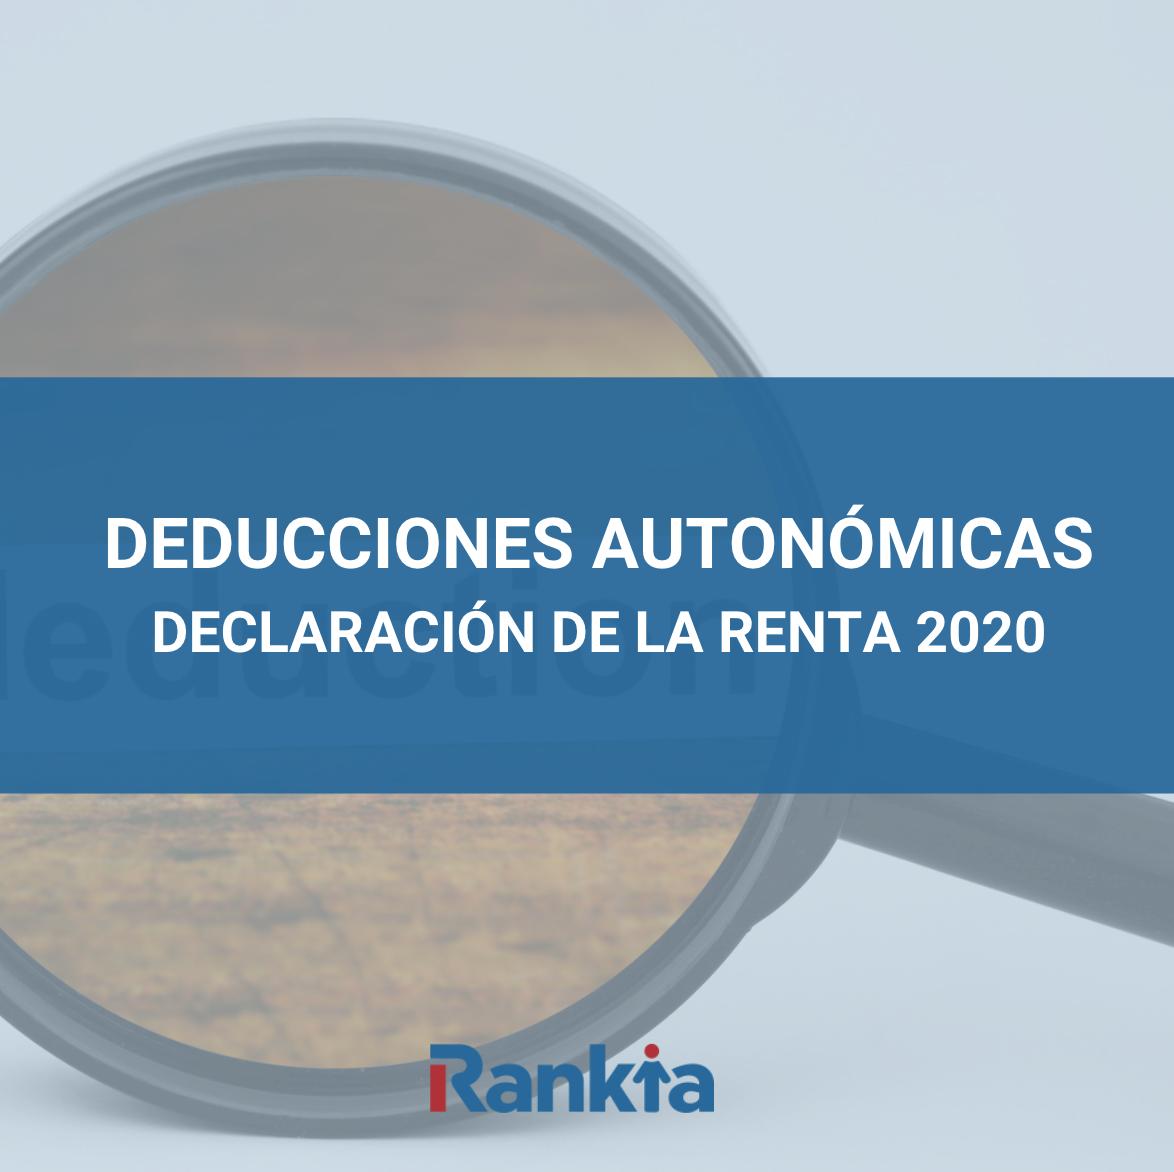 deducciones autonómicas renta 2020